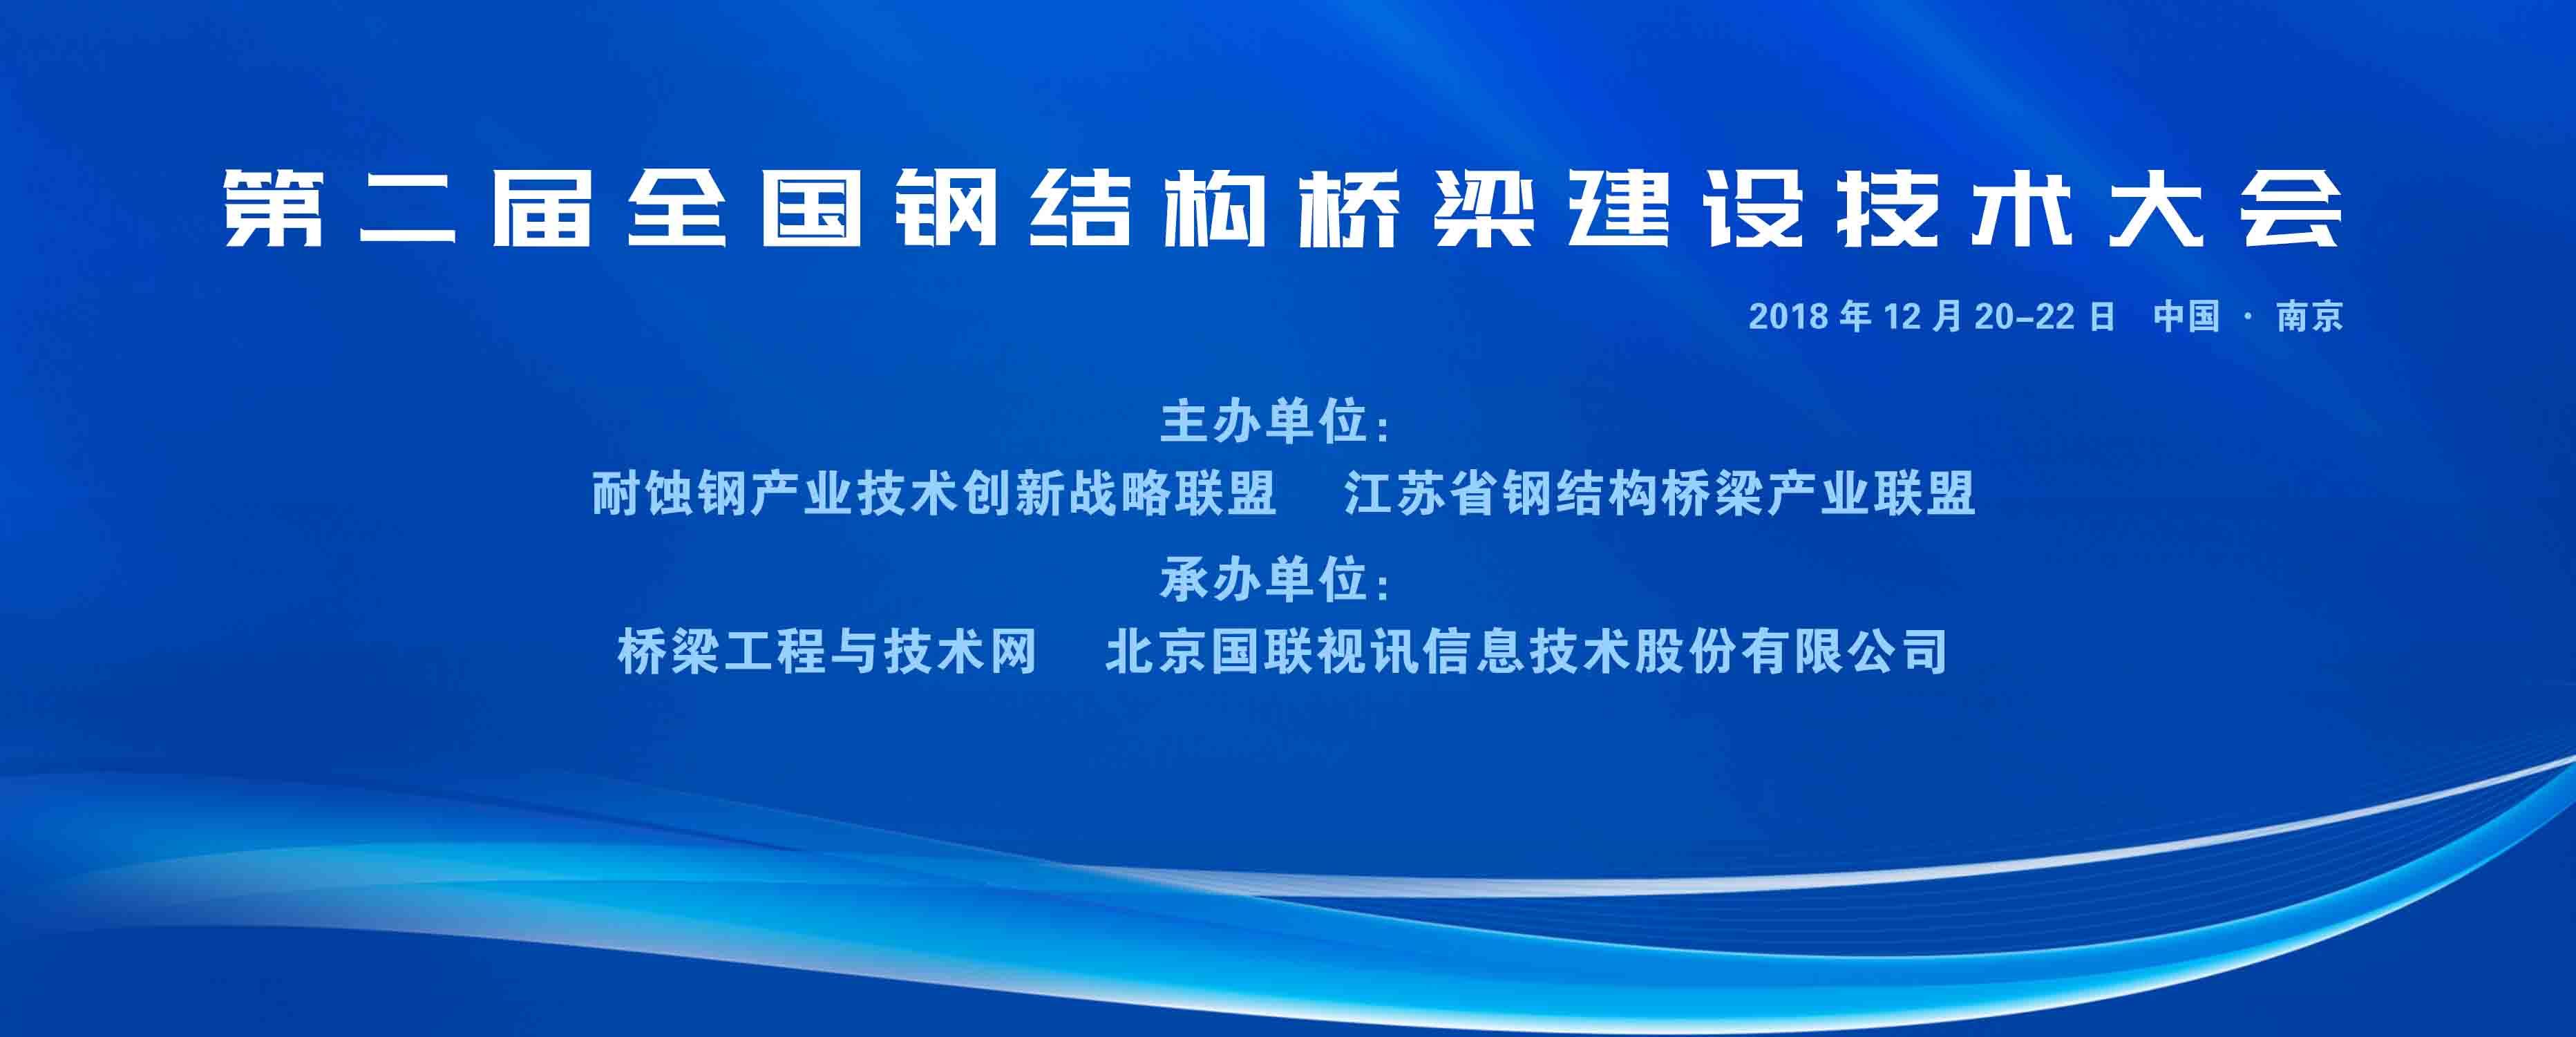 第二届全国钢结构桥梁建设技术大会 通知